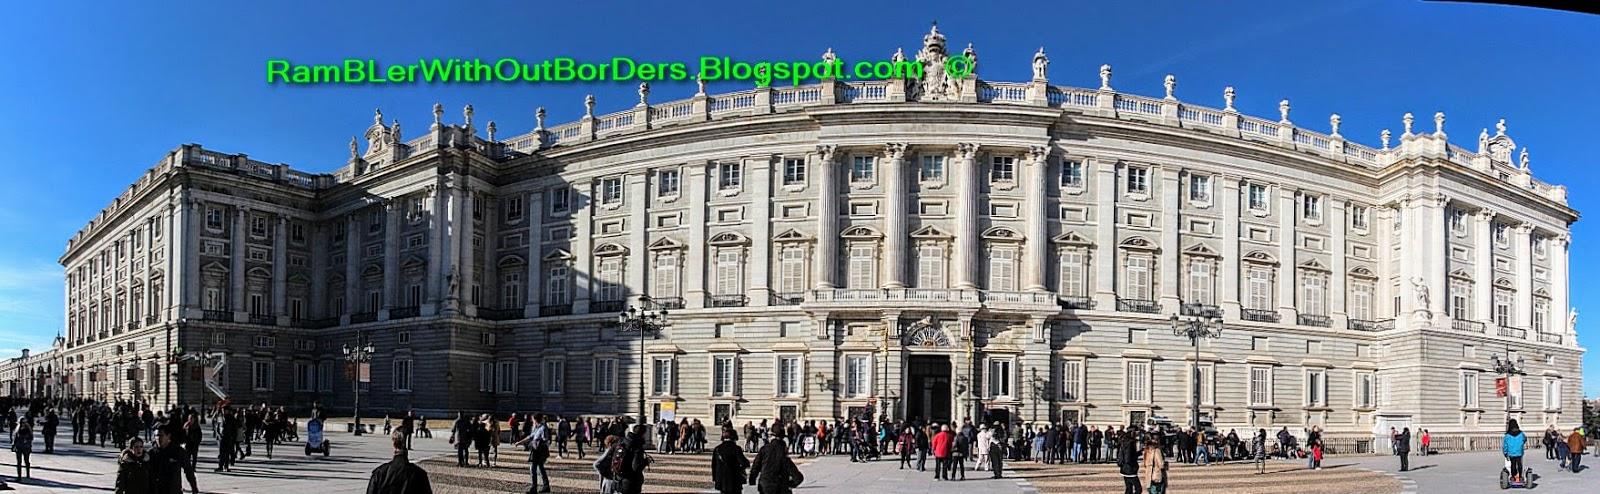 Panorama, Royal Palace, Madrid, Spain